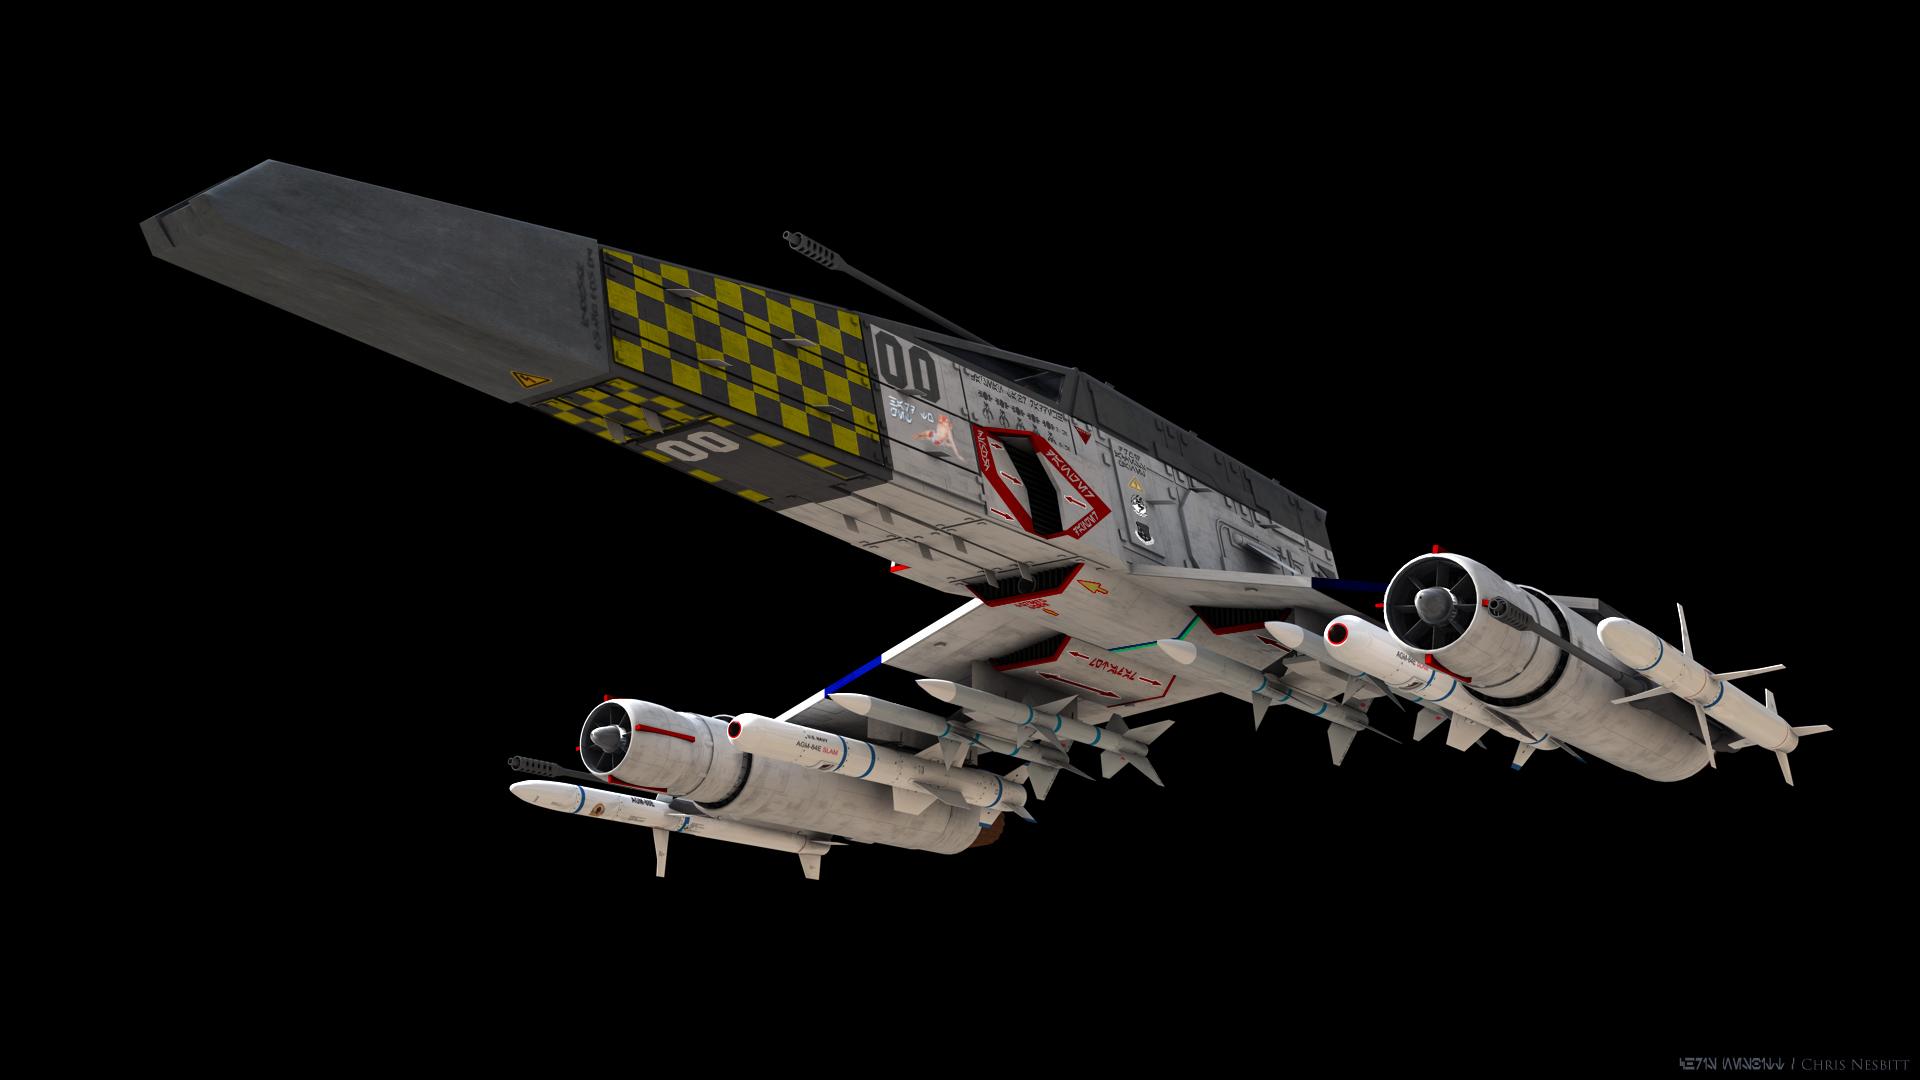 Riddicks_E_Wing_DDG.jpg